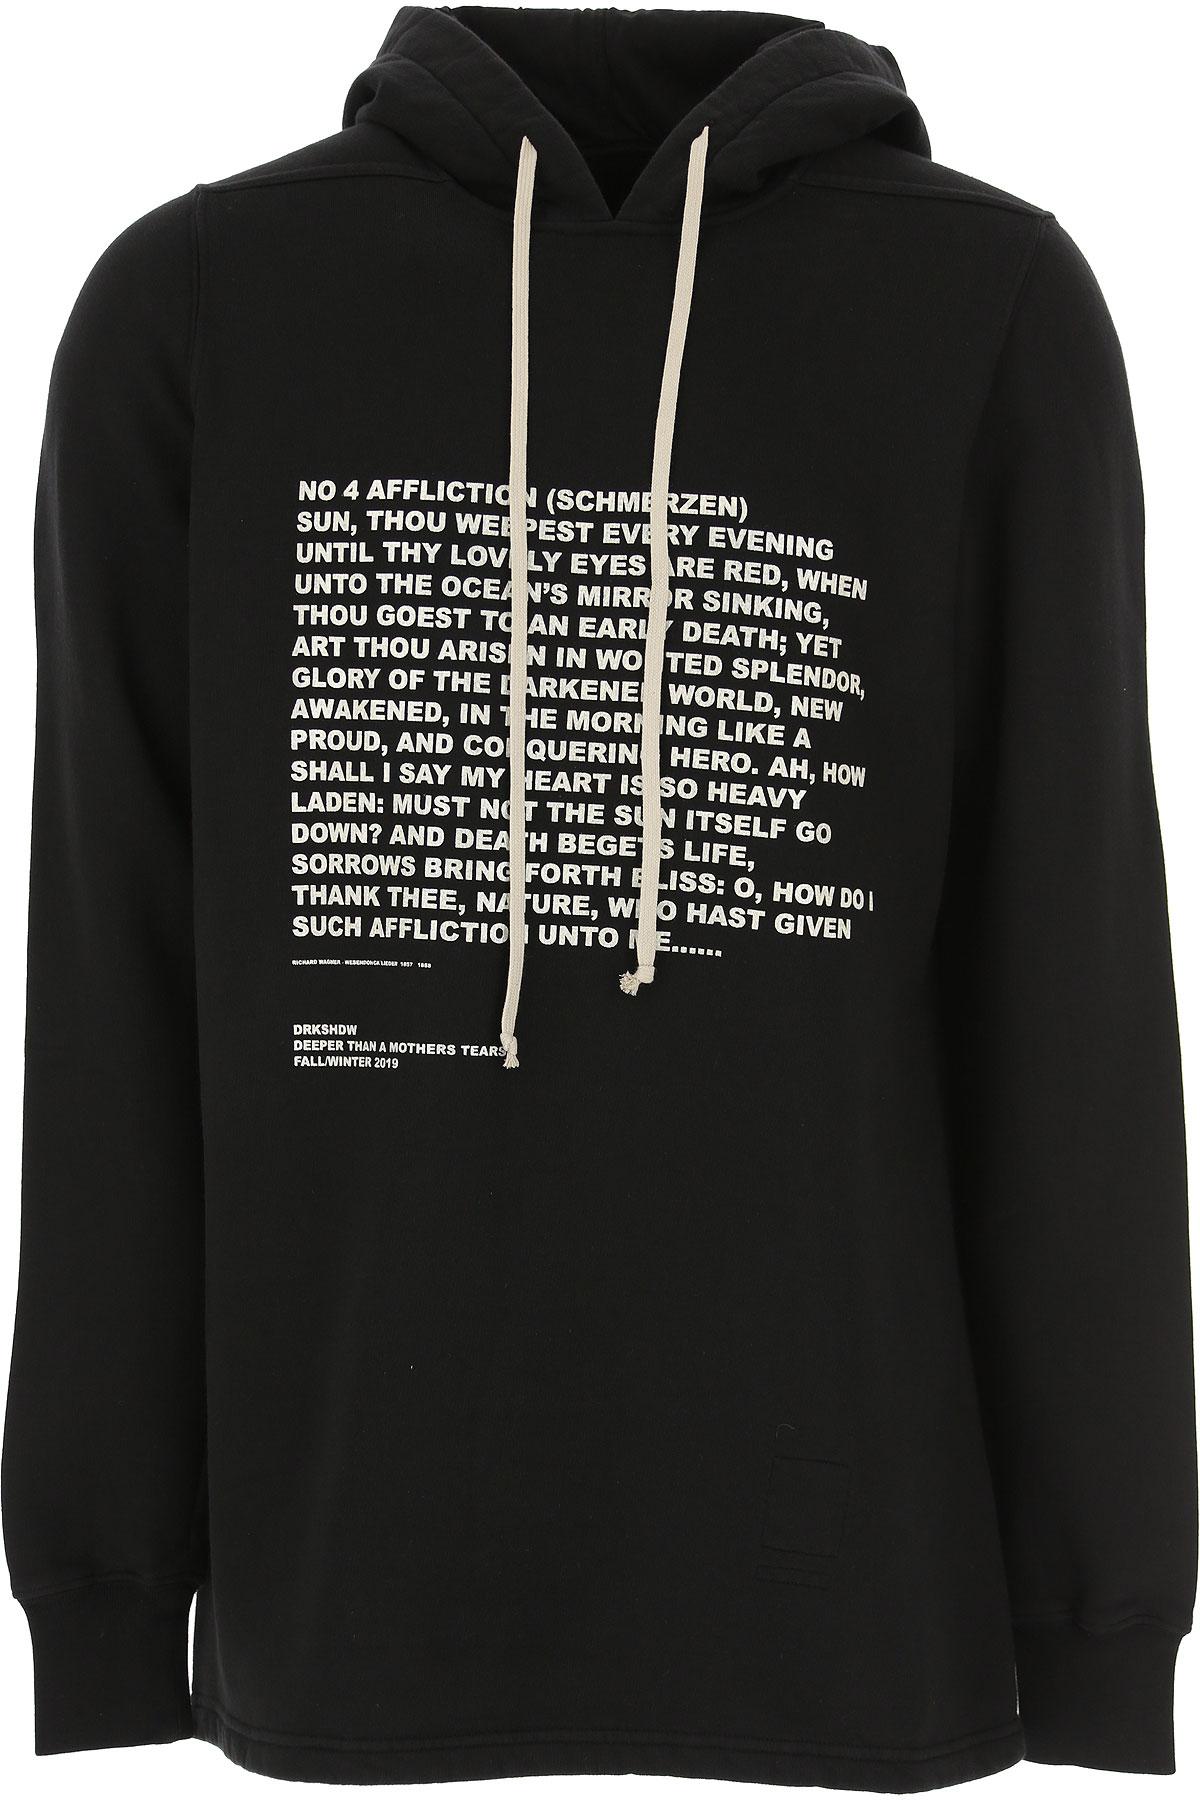 Rick Owens DRKSHDW Sweatshirt for Men On Sale, Black, Cotton, 2019, M S